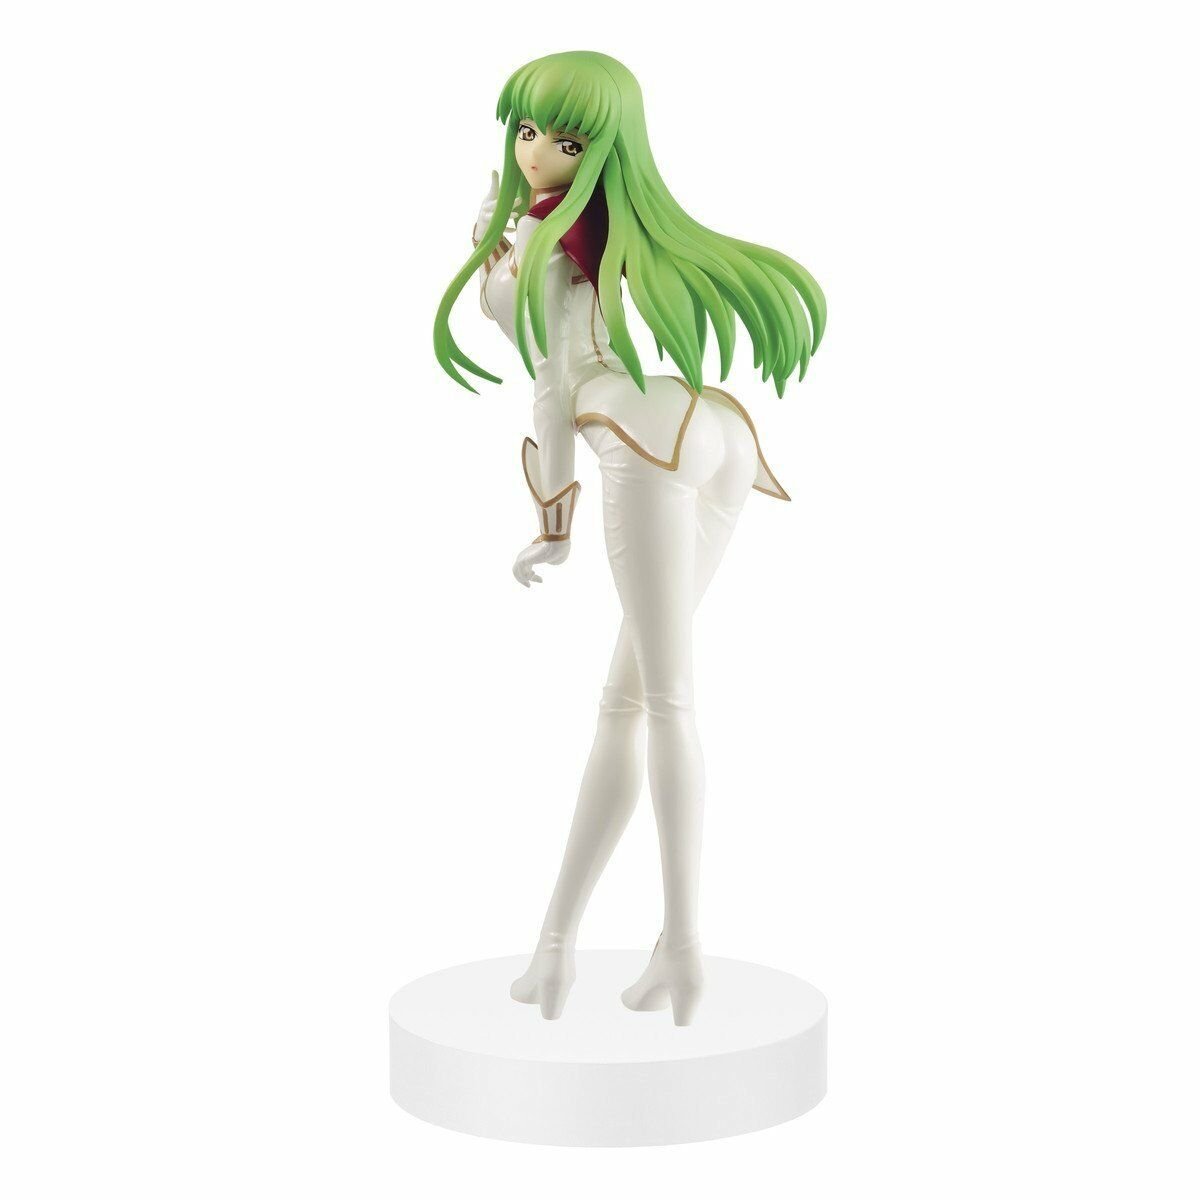 2018, Toy NEU Banpresto Code Geass Lelouch Of The Exq Figure Karen Kozuki